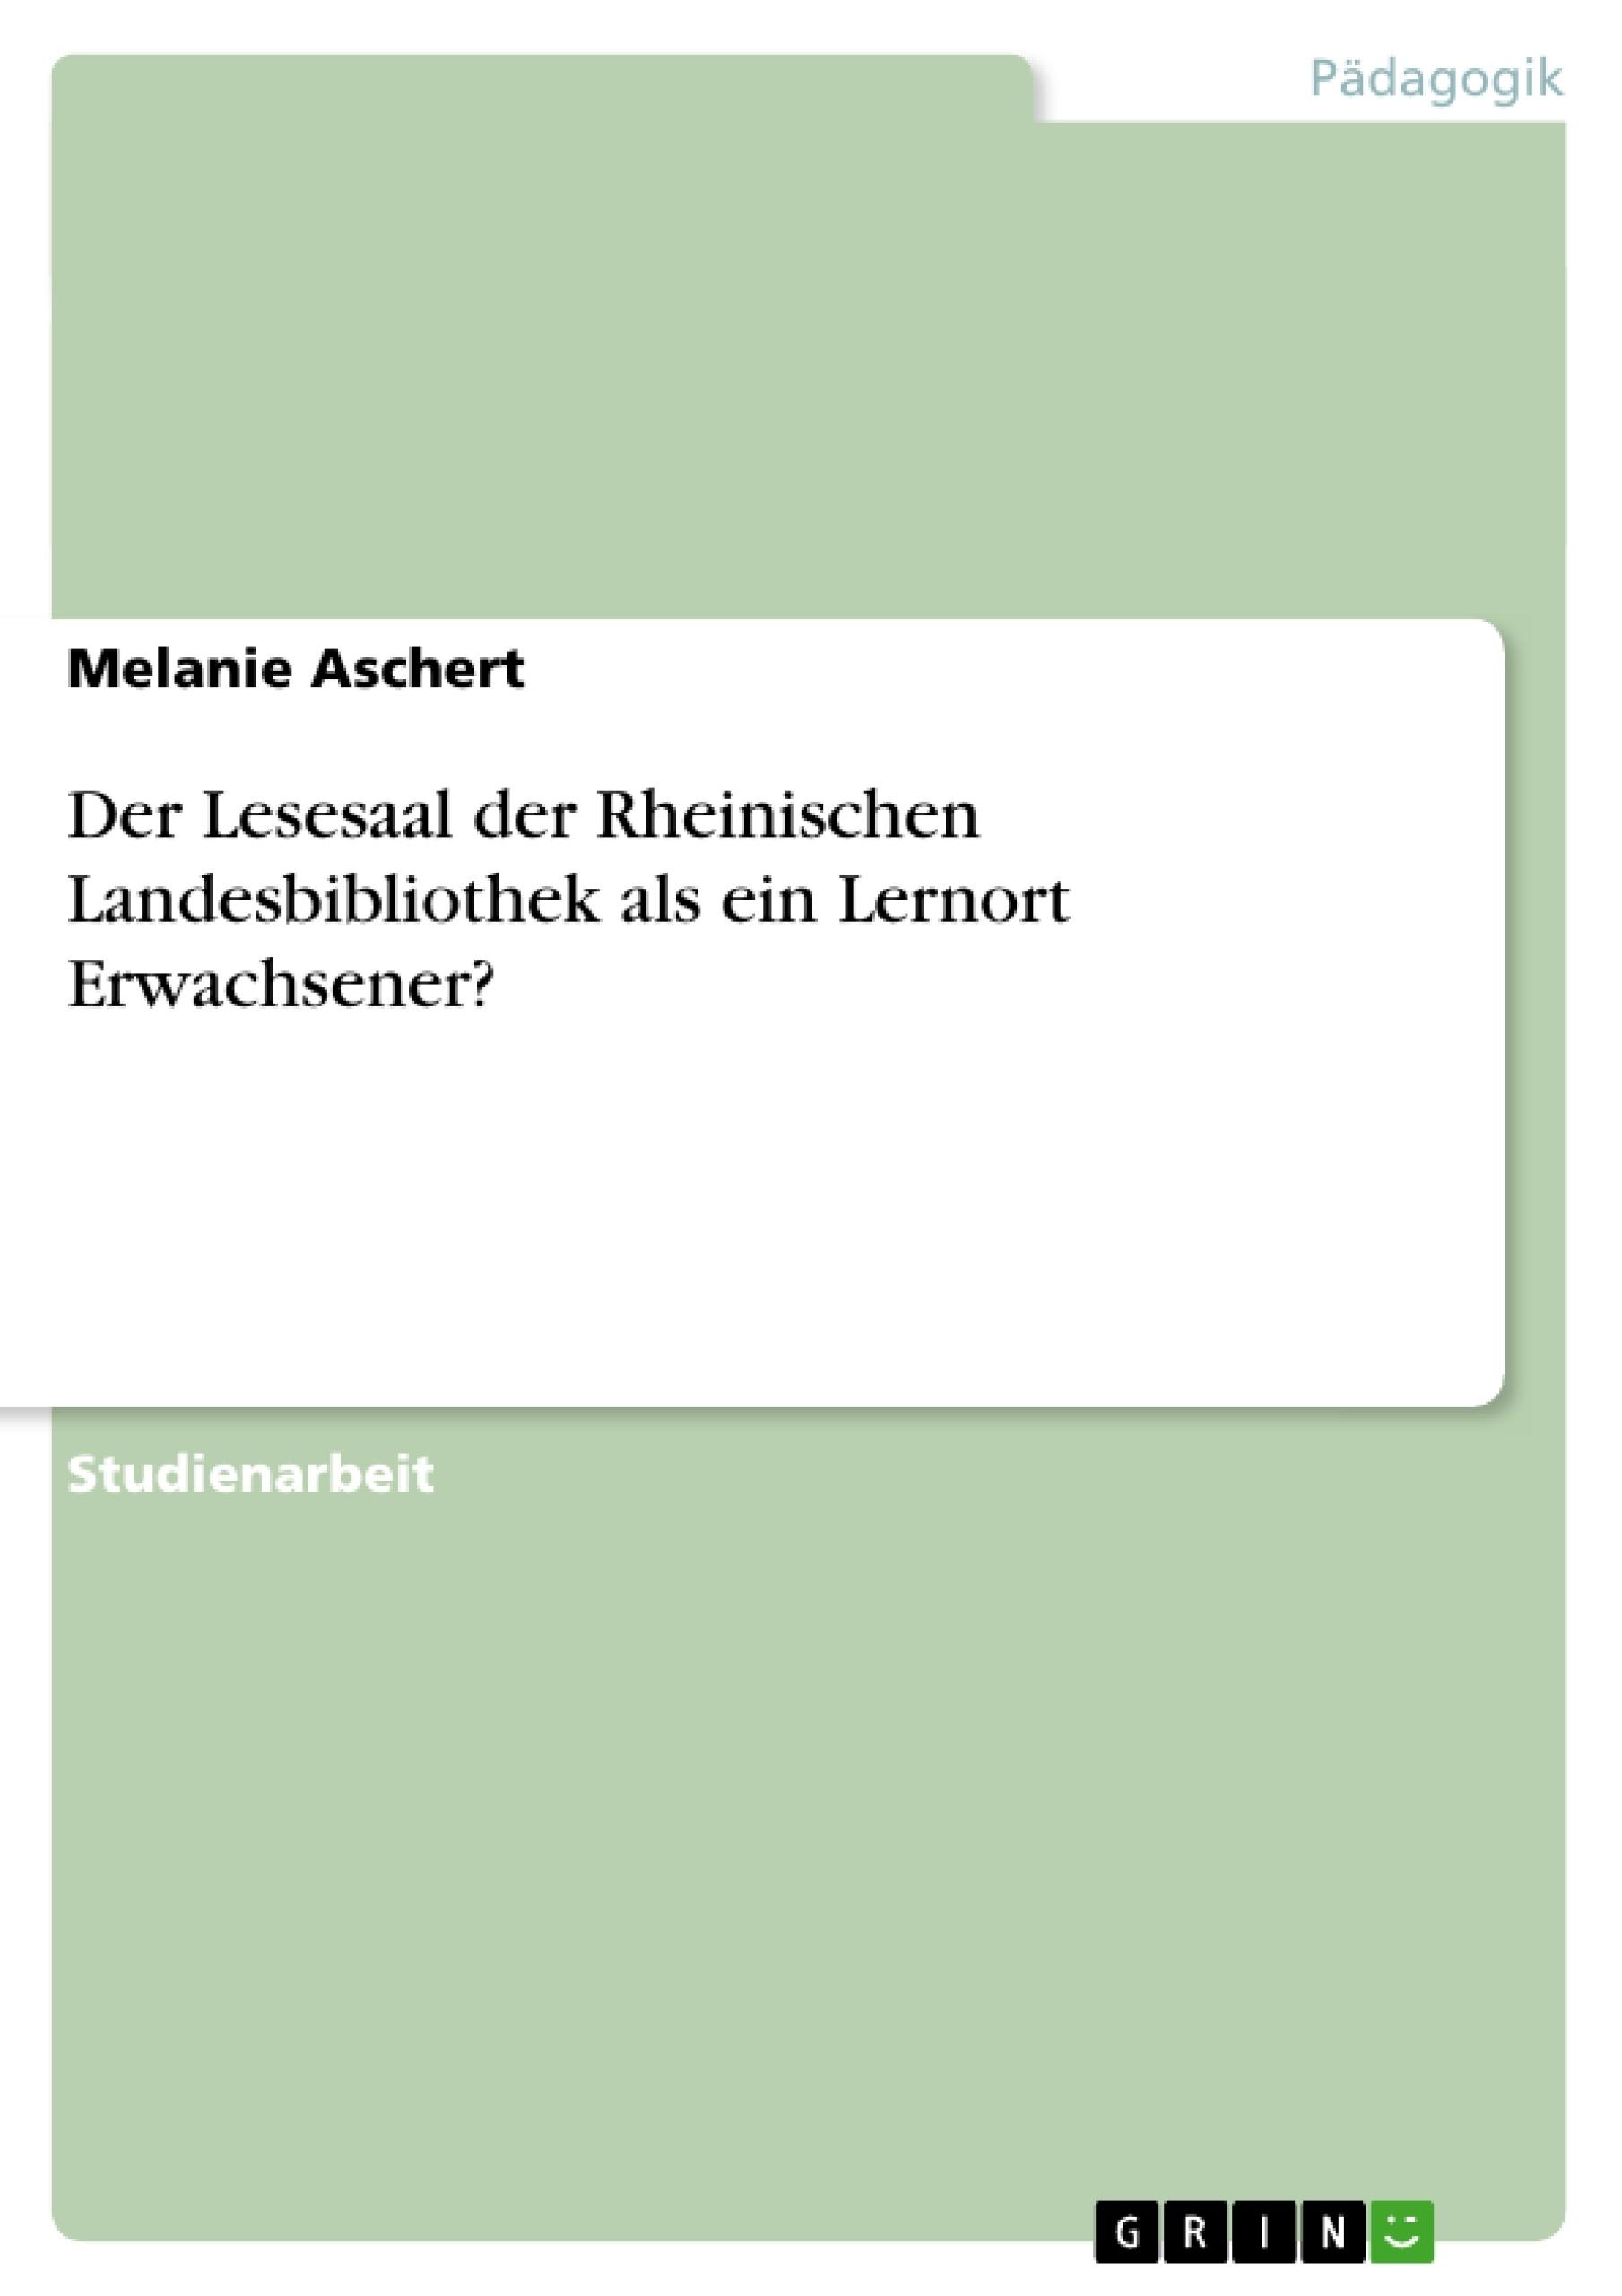 Titel: Der Lesesaal der Rheinischen Landesbibliothek als ein Lernort Erwachsener?